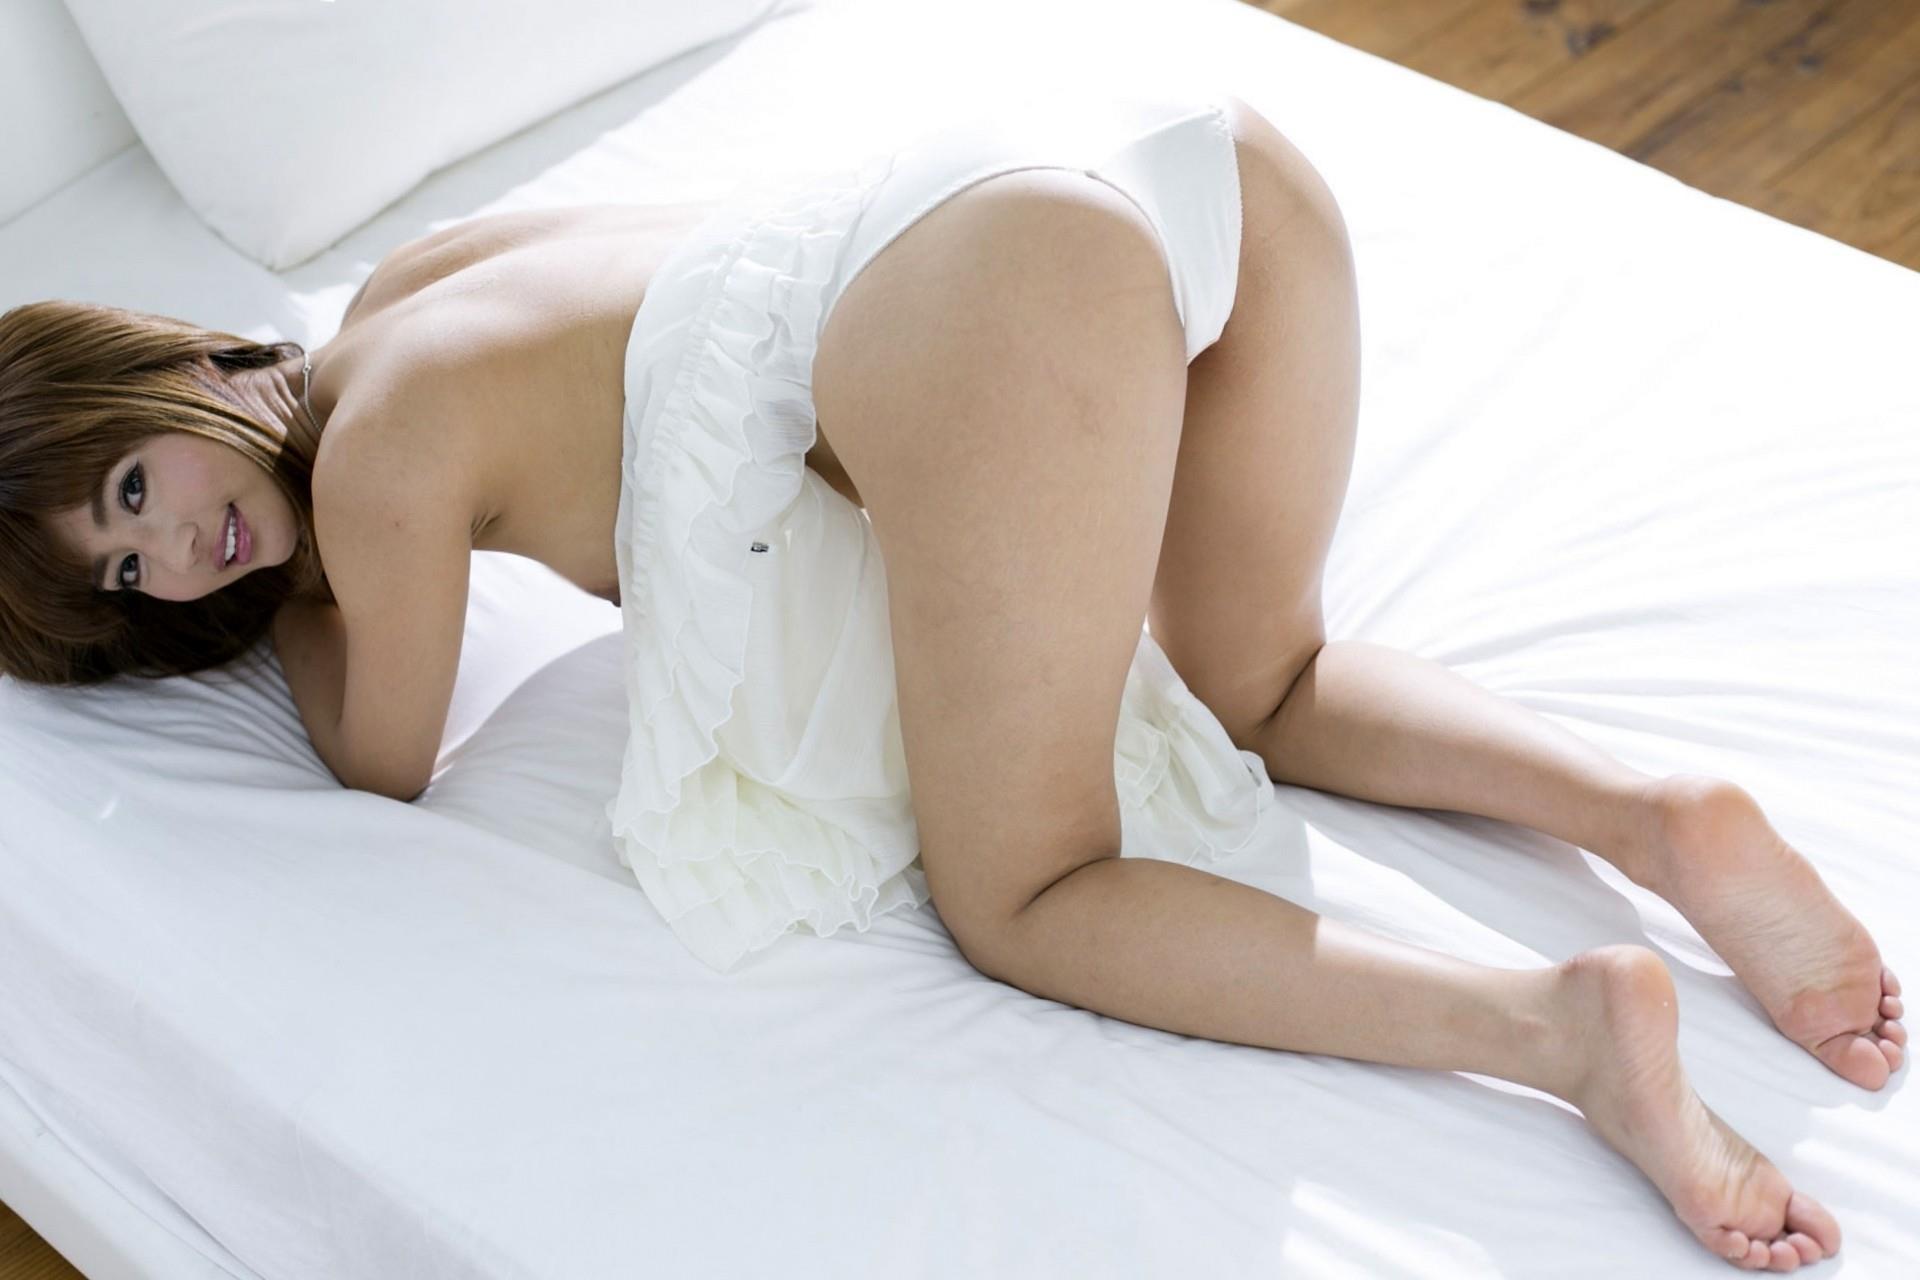 麻生希 ヌード画像 52